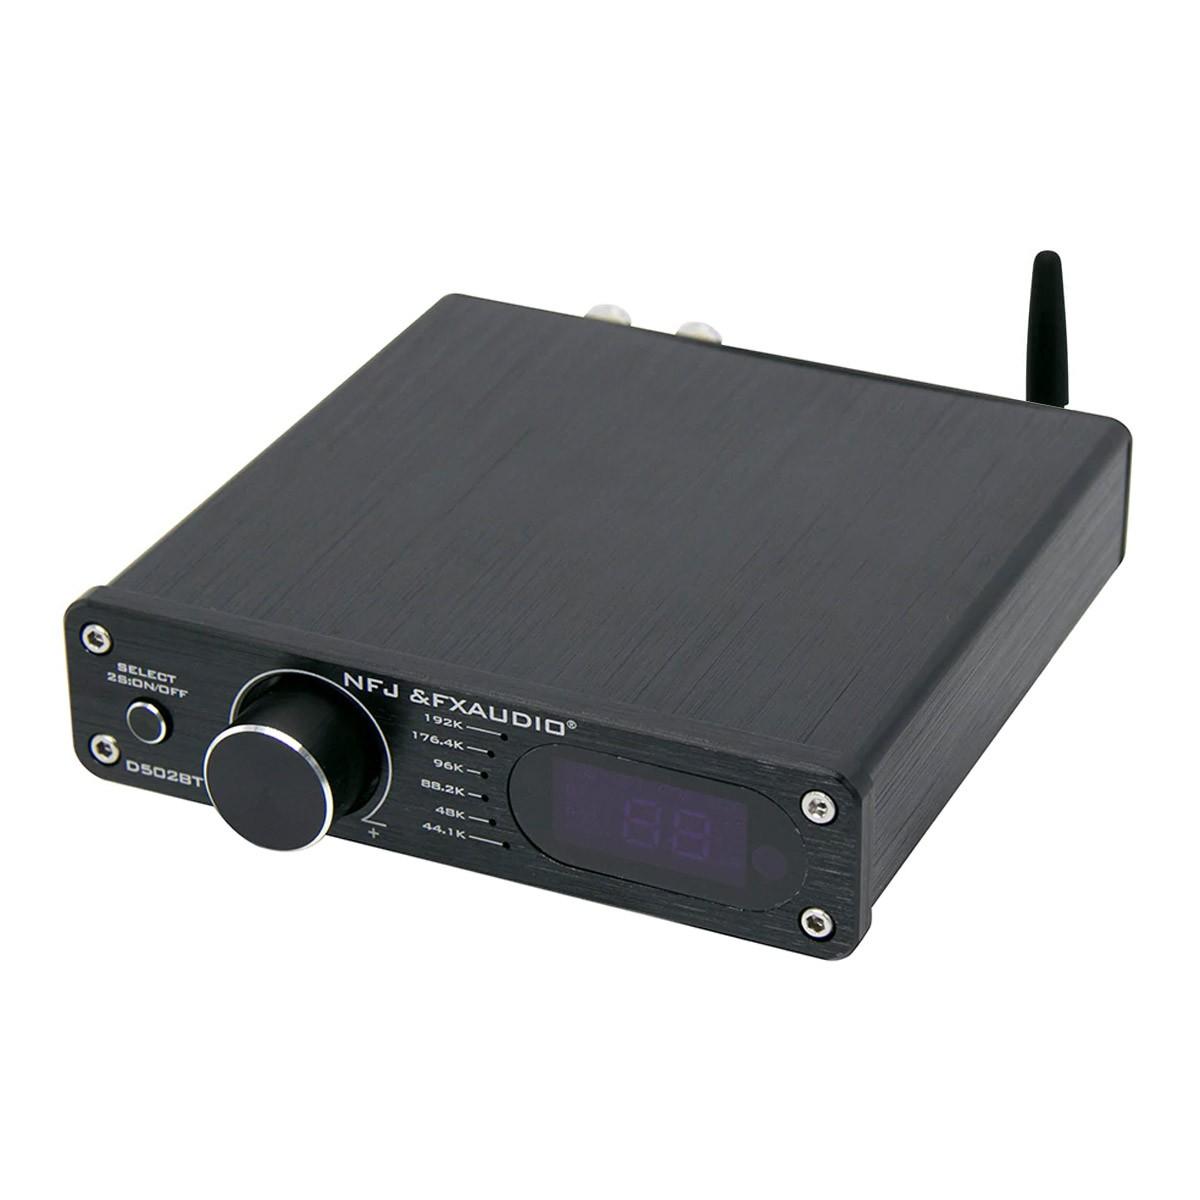 FX-AUDIO D502BT Amplificateur FDA TAS5342A Sortie Subwoofer Bluetooth 5.0 2x60W 4 Ohm Noir